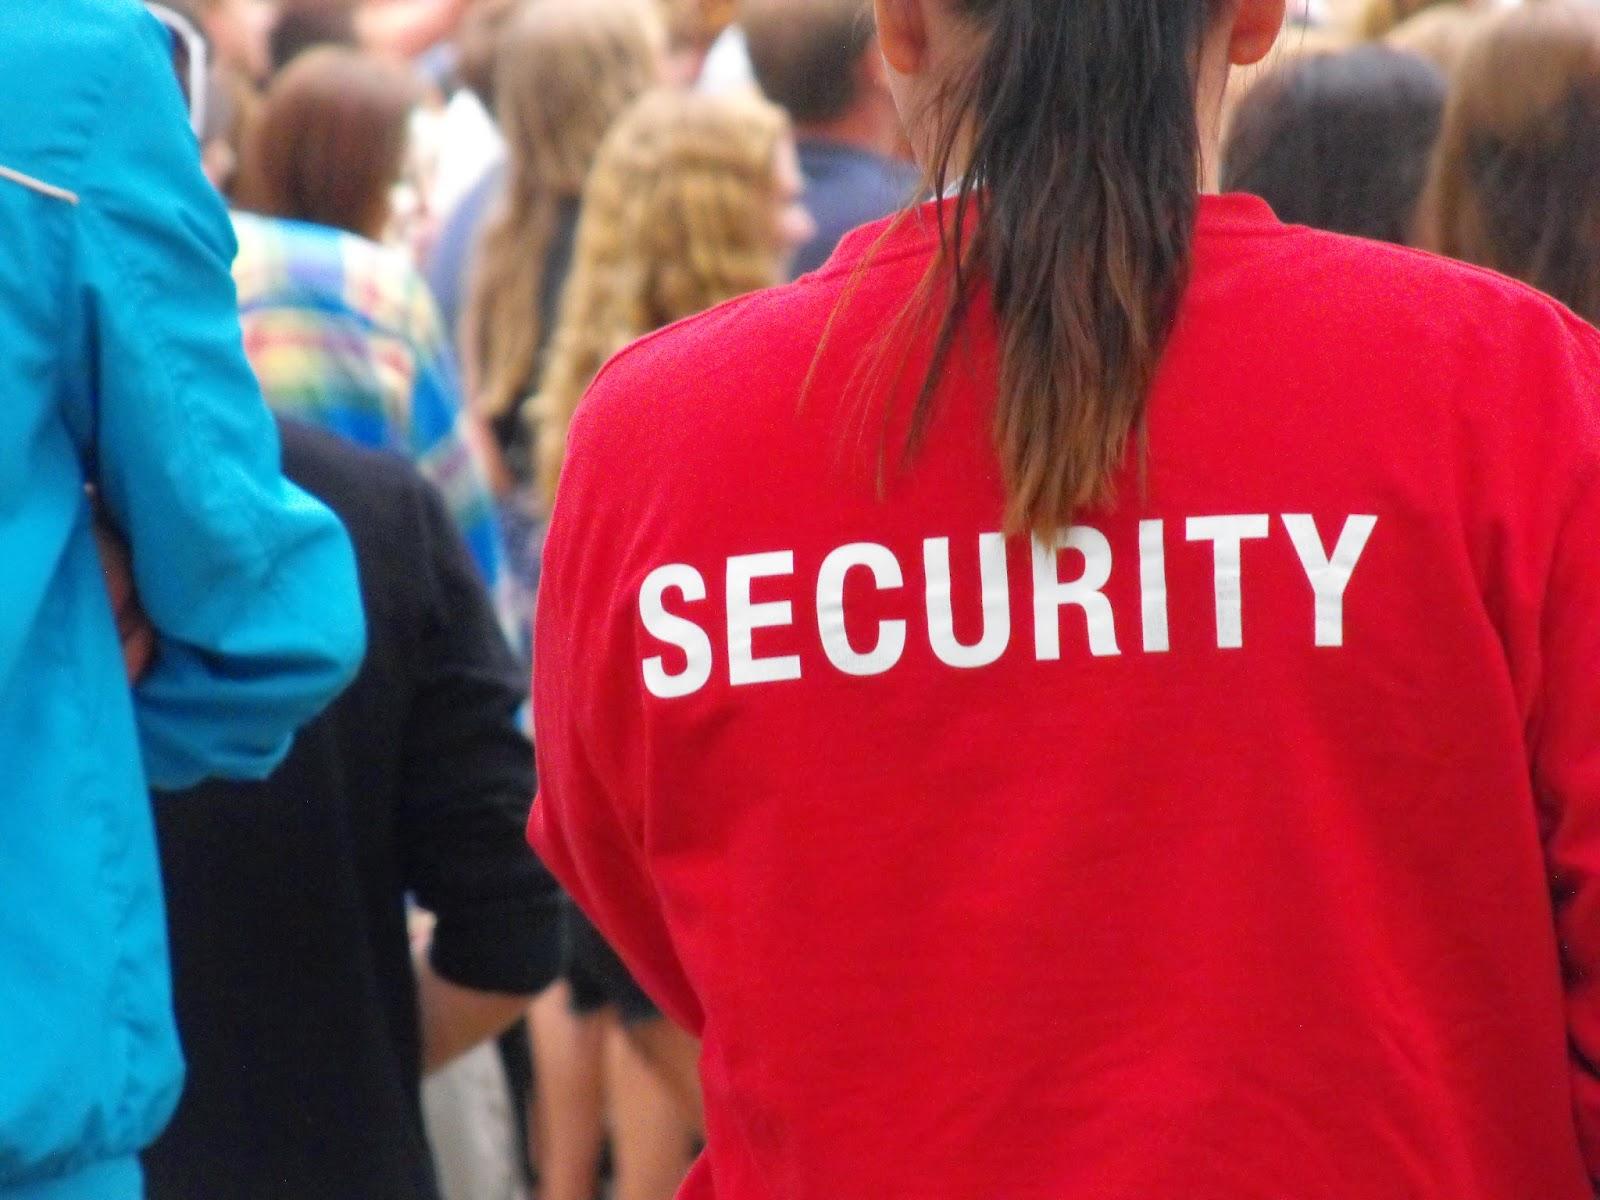 siestafestivalen, Siestafestivalen 2014, SiestaHlm, #SiestaHlm, Hässleholm, Sösdala, Barnfamilj, Musik, Glädje i hjärtat, Security, Polis, väktare